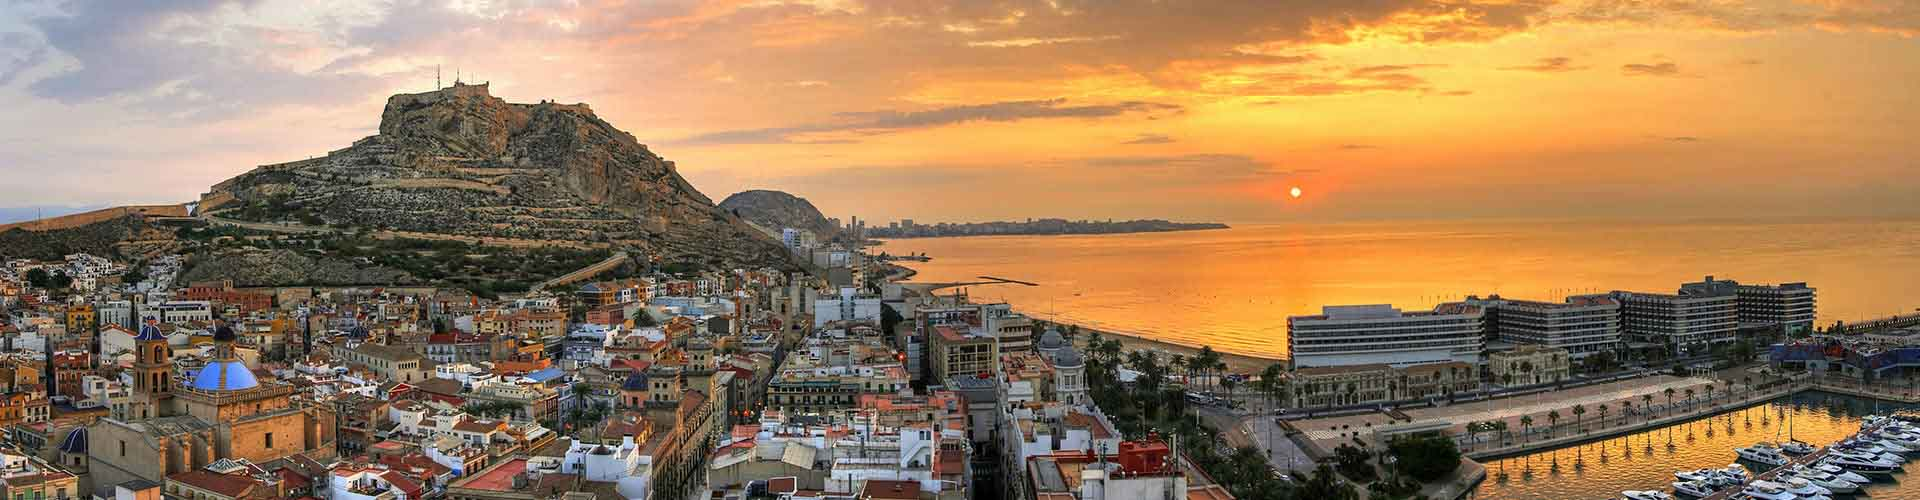 Alicante – Retkeily kaupungiosassa Albufereta. Alicante -karttoja, valokuvia ja arvosteluja kaikista Alicante -retkeilyalueista.